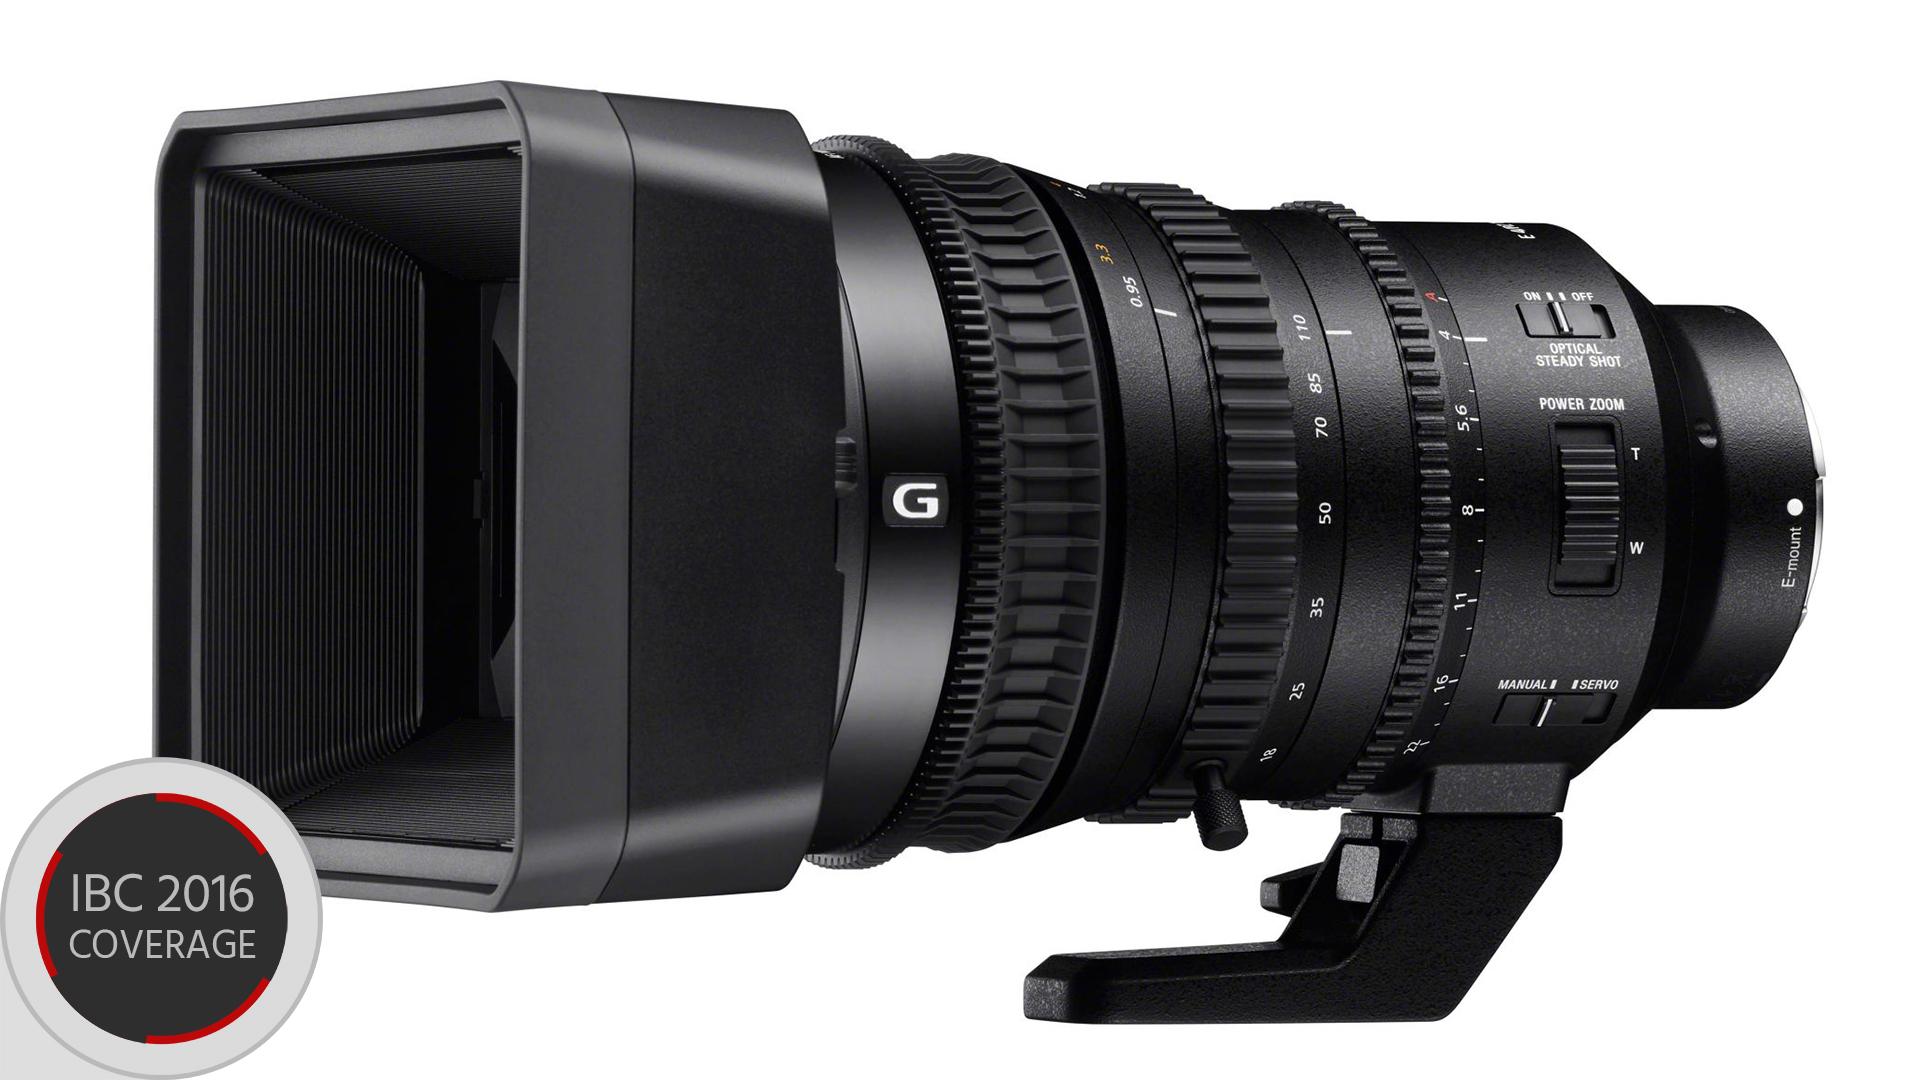 ソニーが18-110mm F4 Lens発表-3リングと内蔵電動ズーム装備